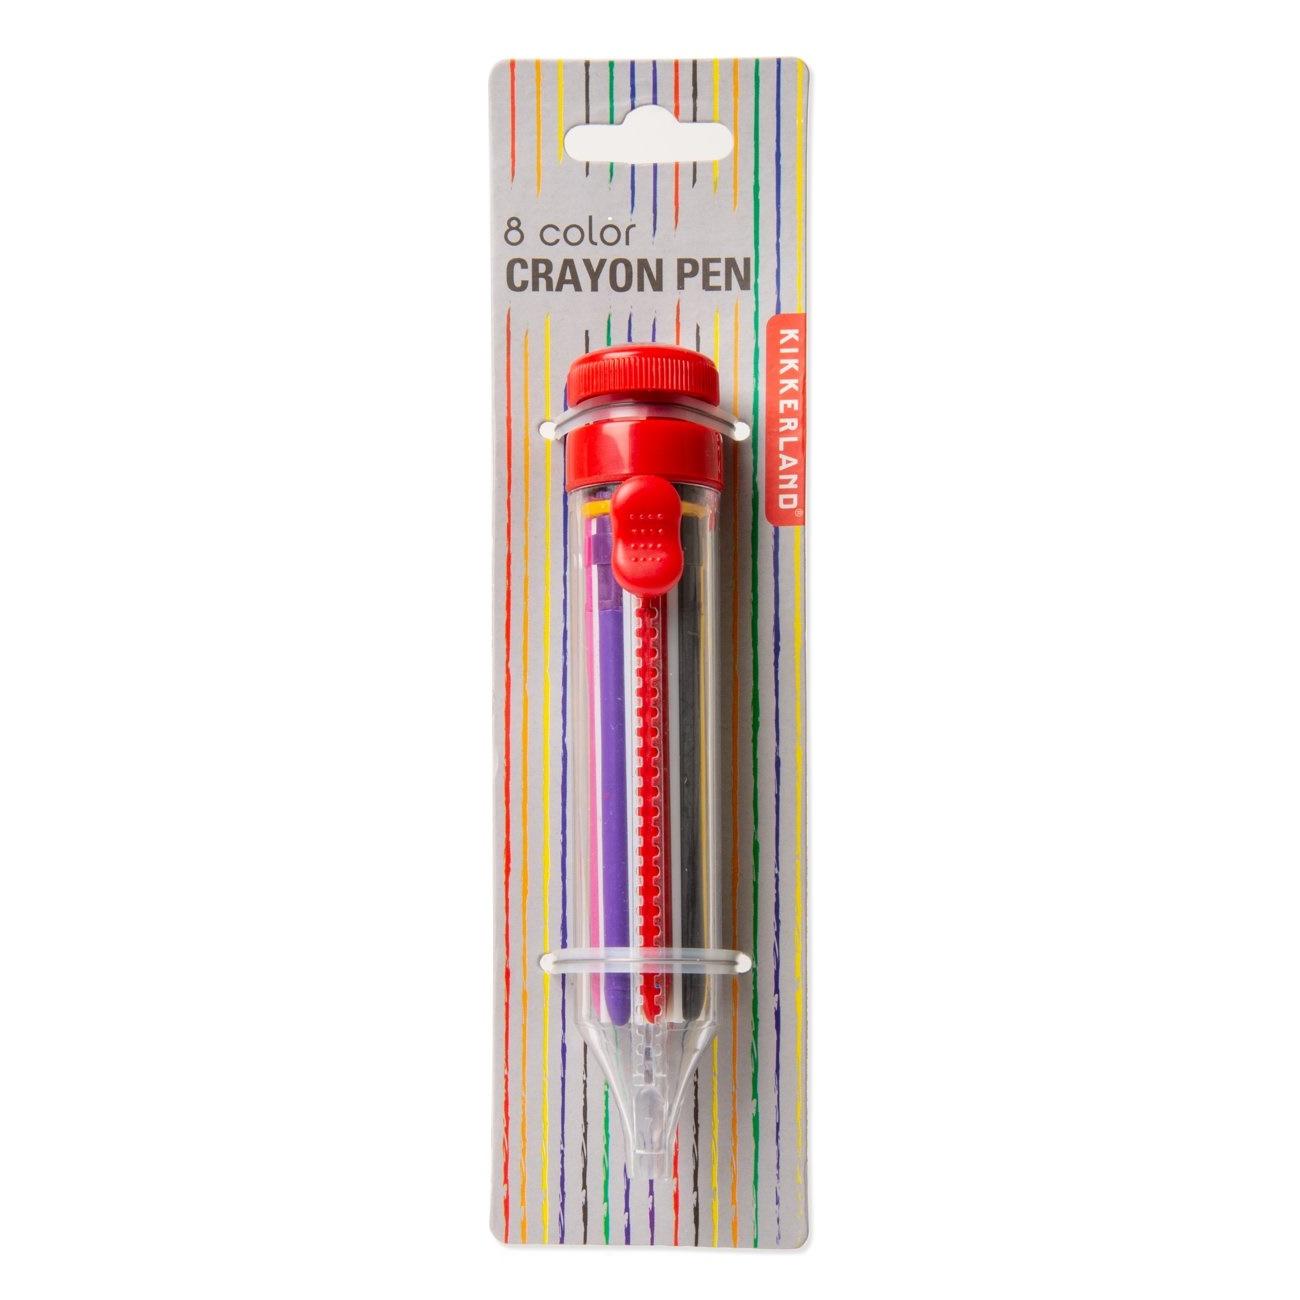 8 color crayon pen